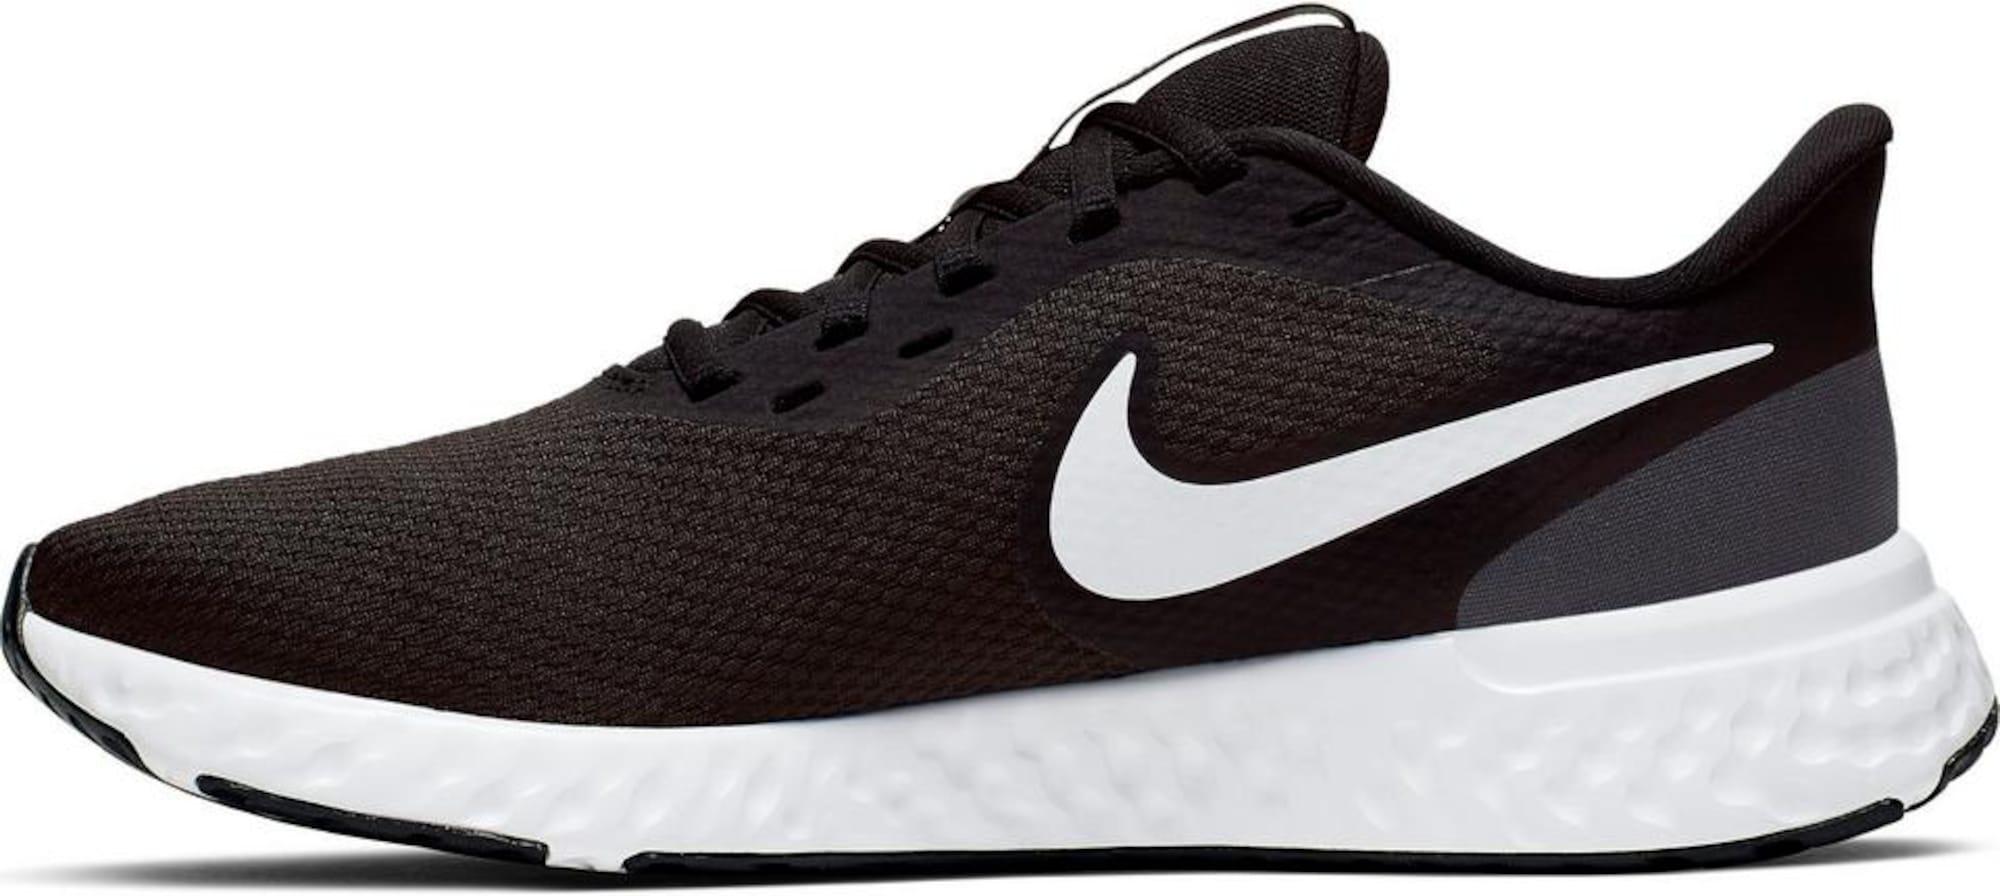 NIKE Bėgimo batai 'Revolution 5' juoda / balta